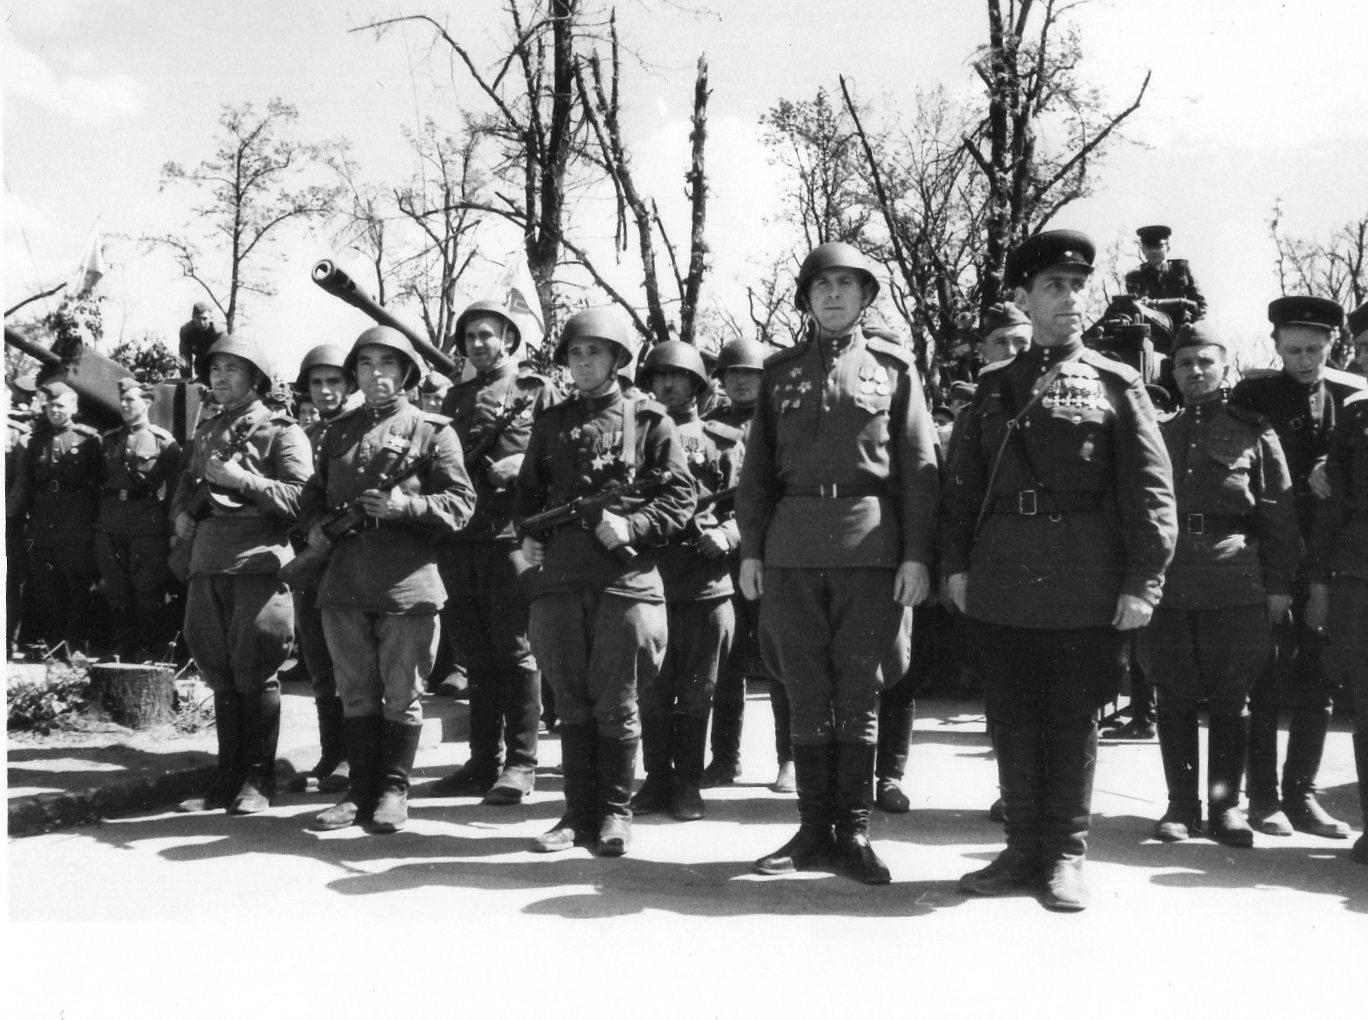 Георгиевский кавалер капитан Грусланов В.Н. в Берлине. 20 мая 1945 года (2)